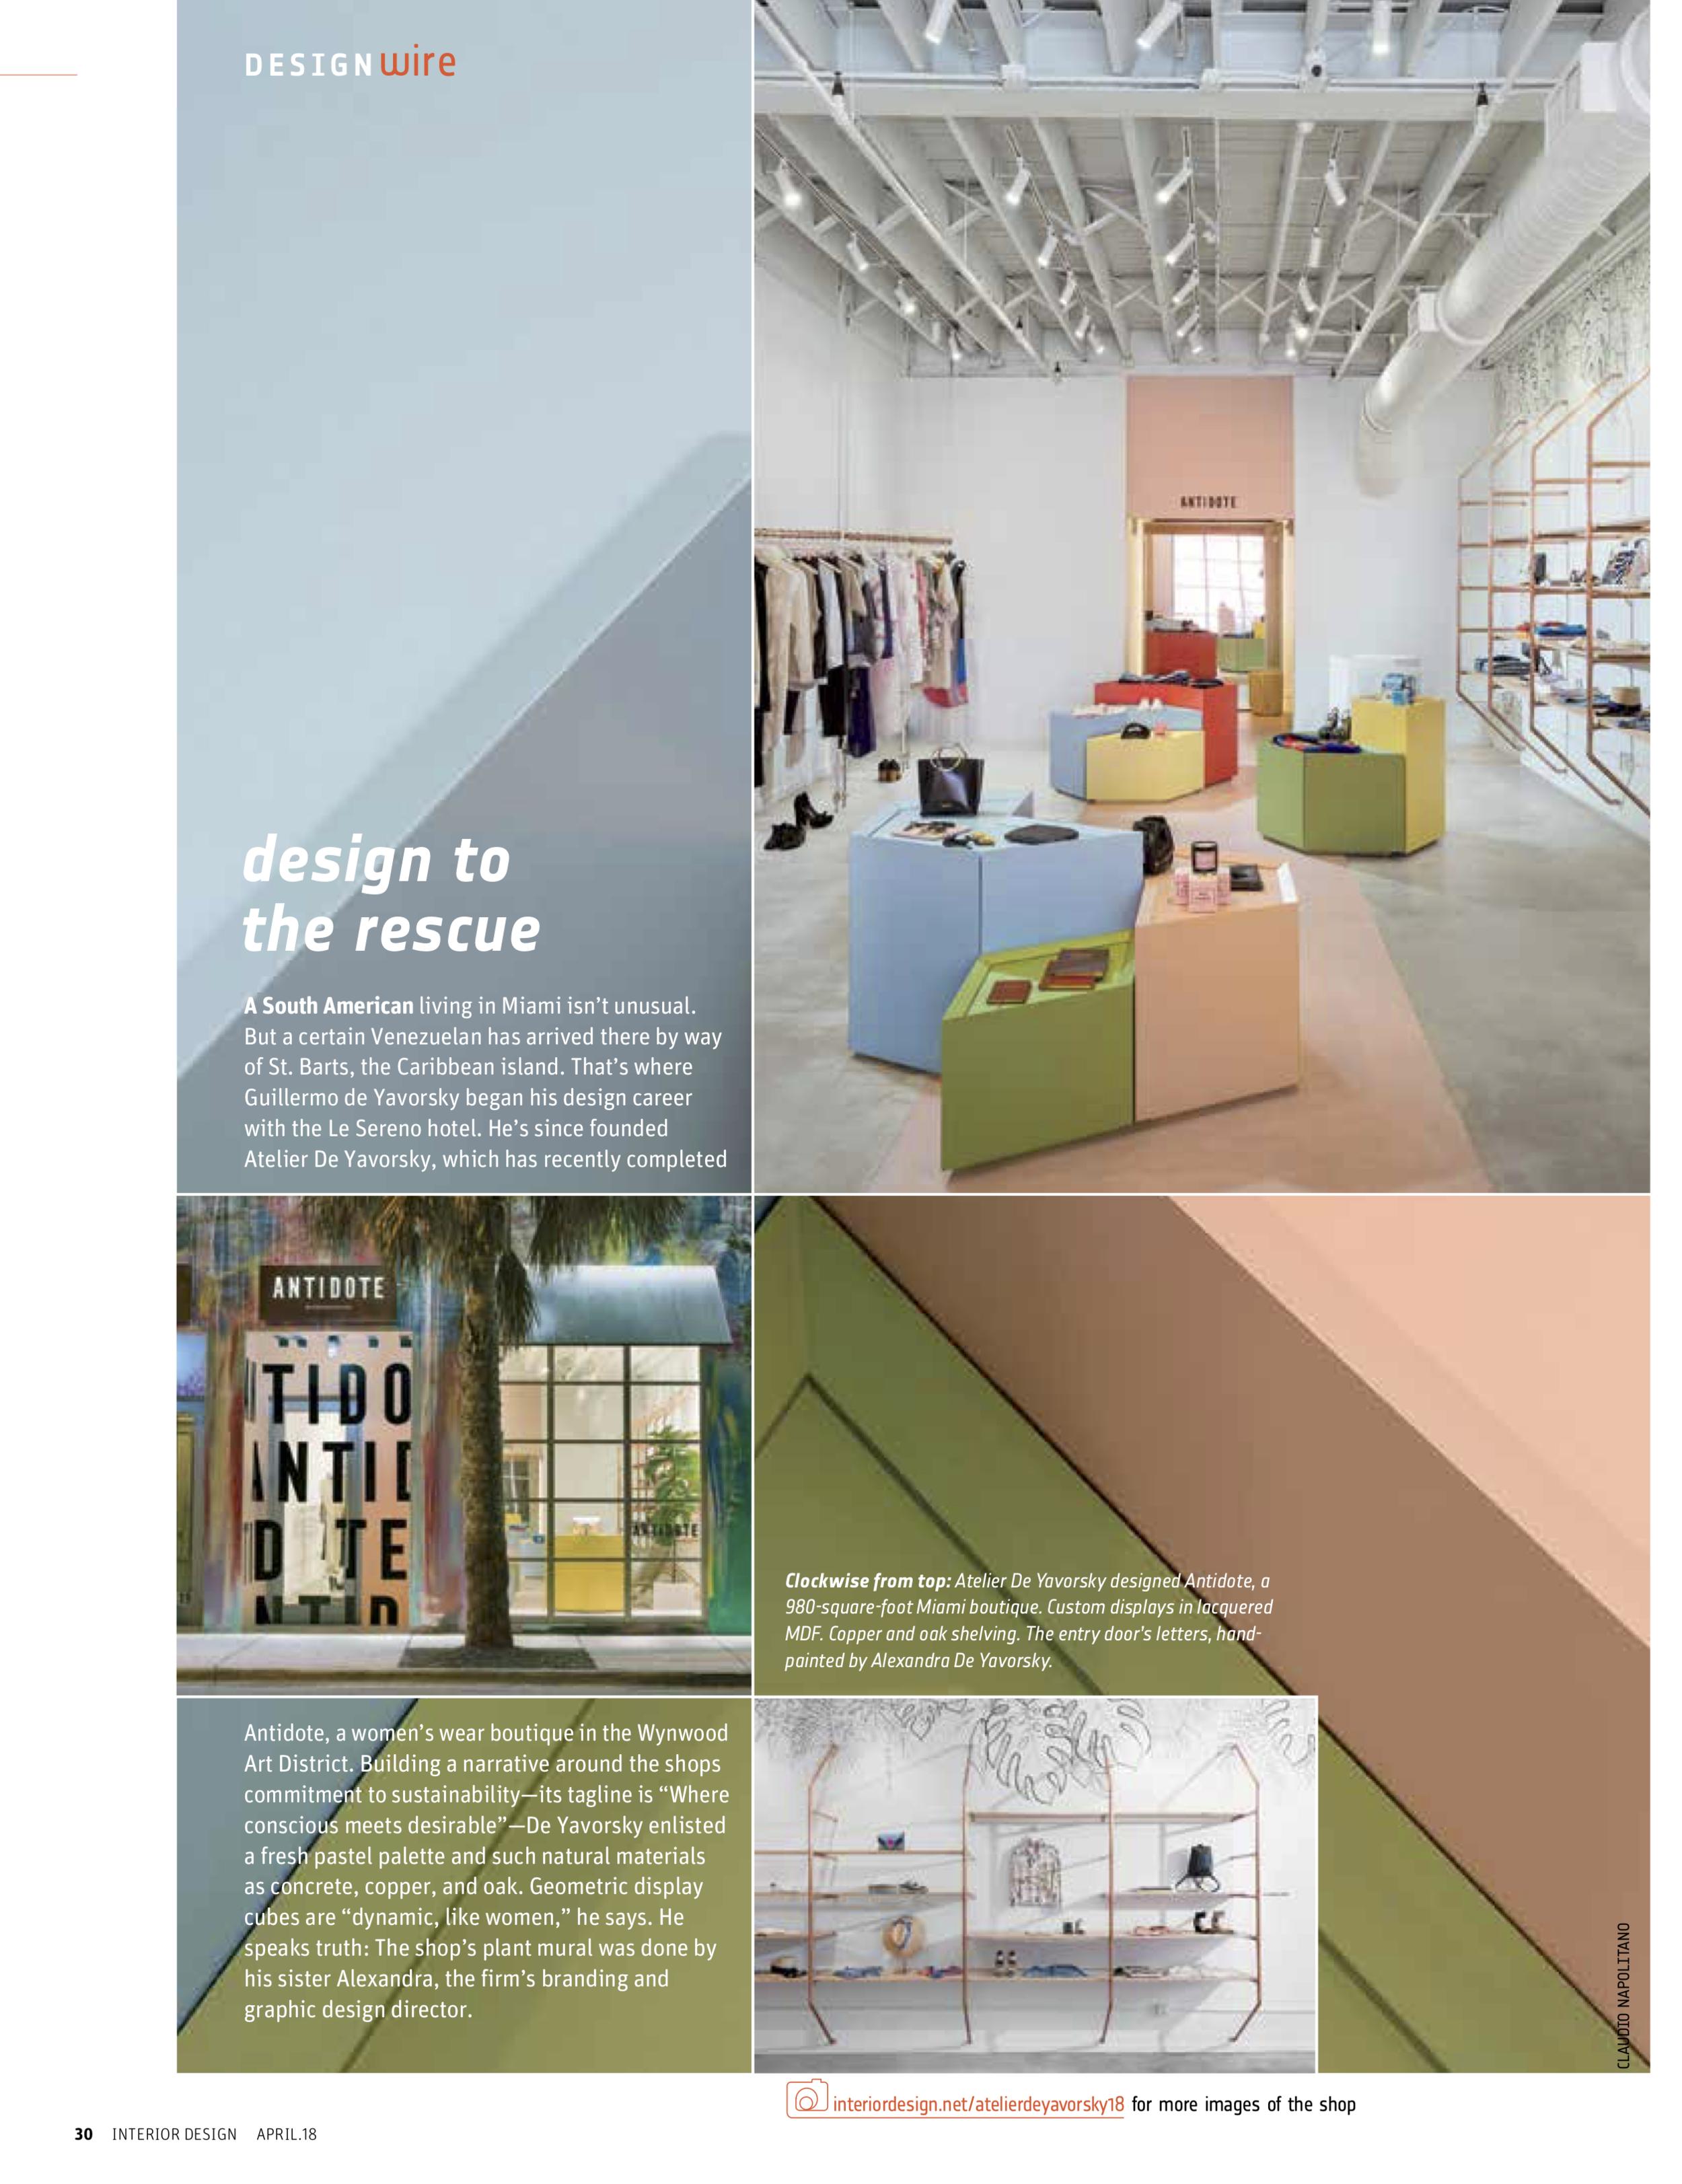 Interior Design Magazine Atelierdeyavorsky